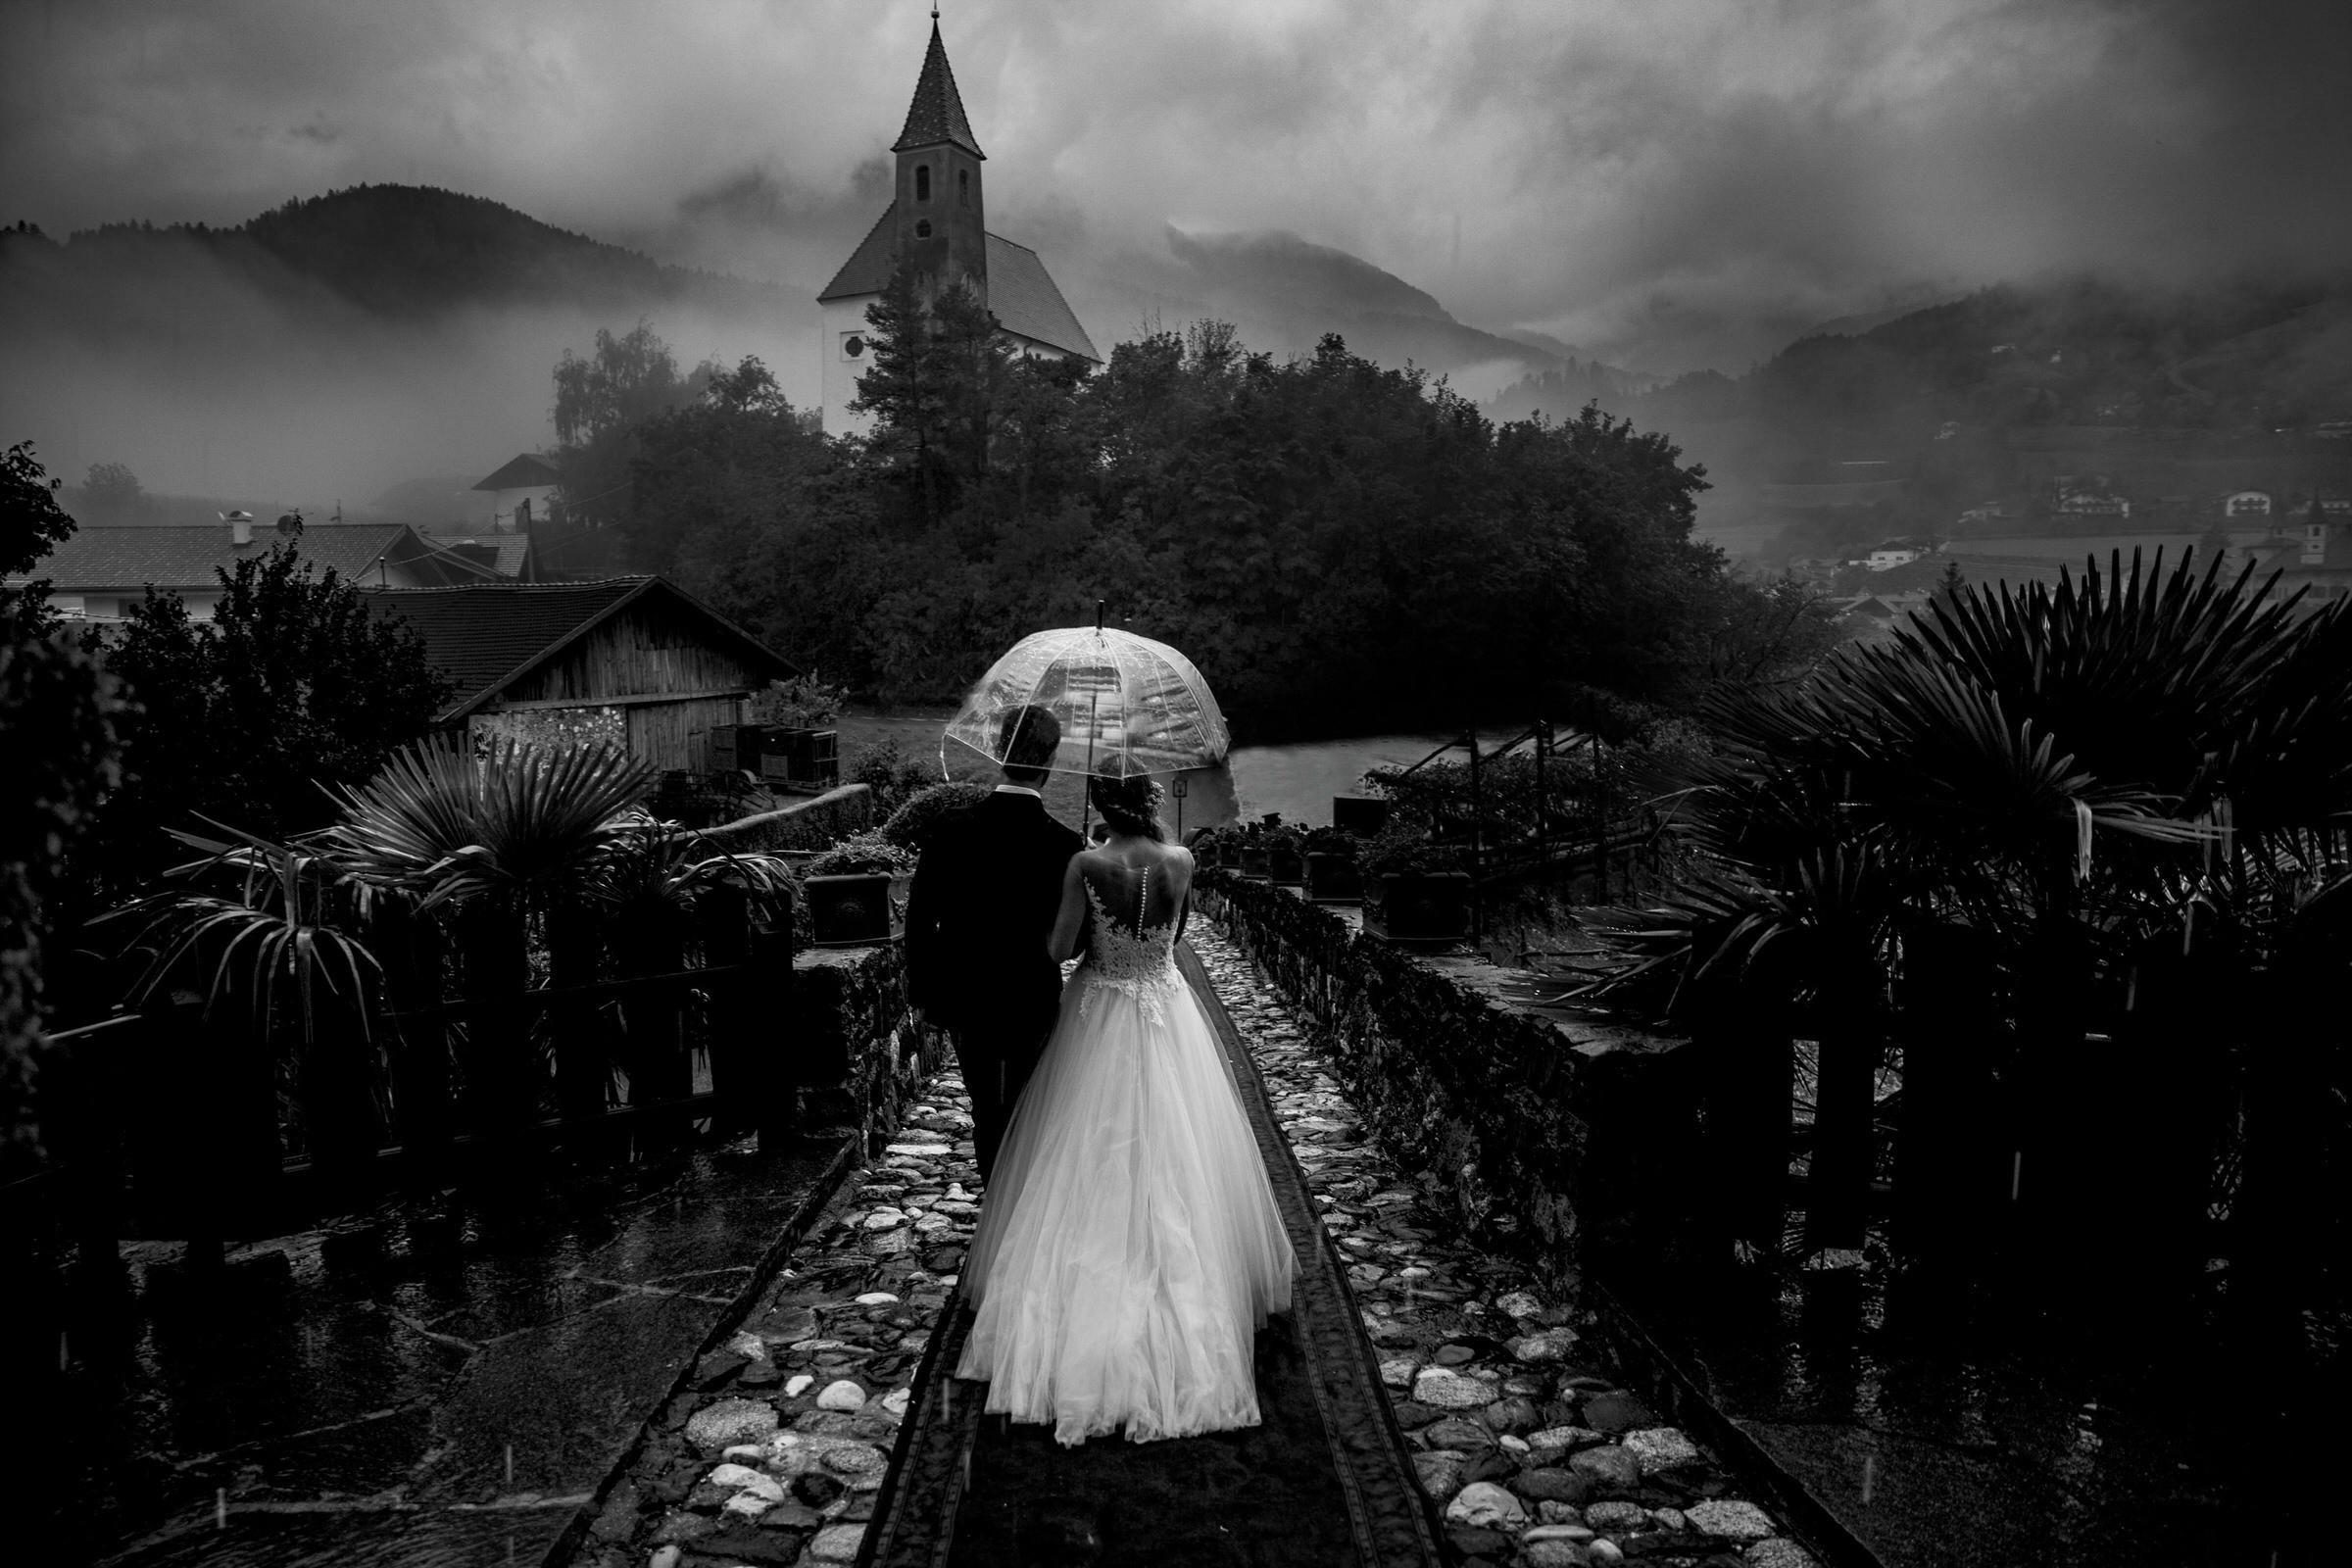 rainy-day-wedding-ceremony-lucagallizio